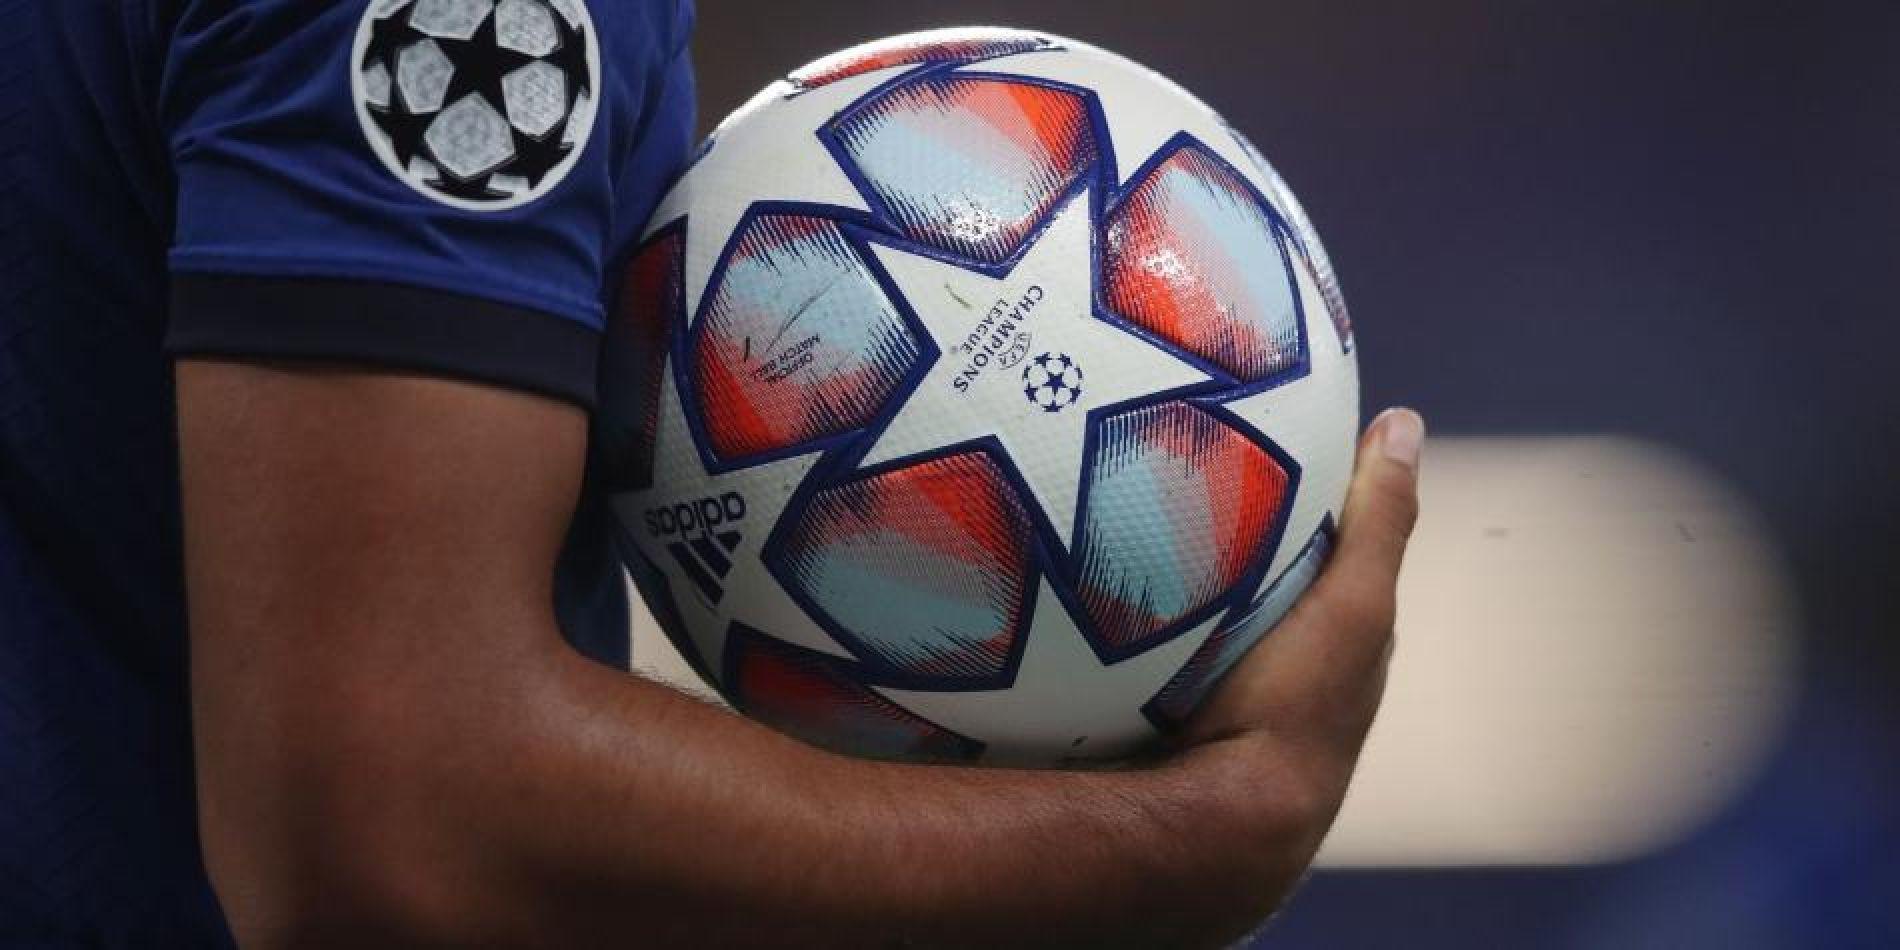 Mañana miércoles 28, se jugará otra tanda. Barcelona vs Juventus es el principal atractivo (sin CR7)